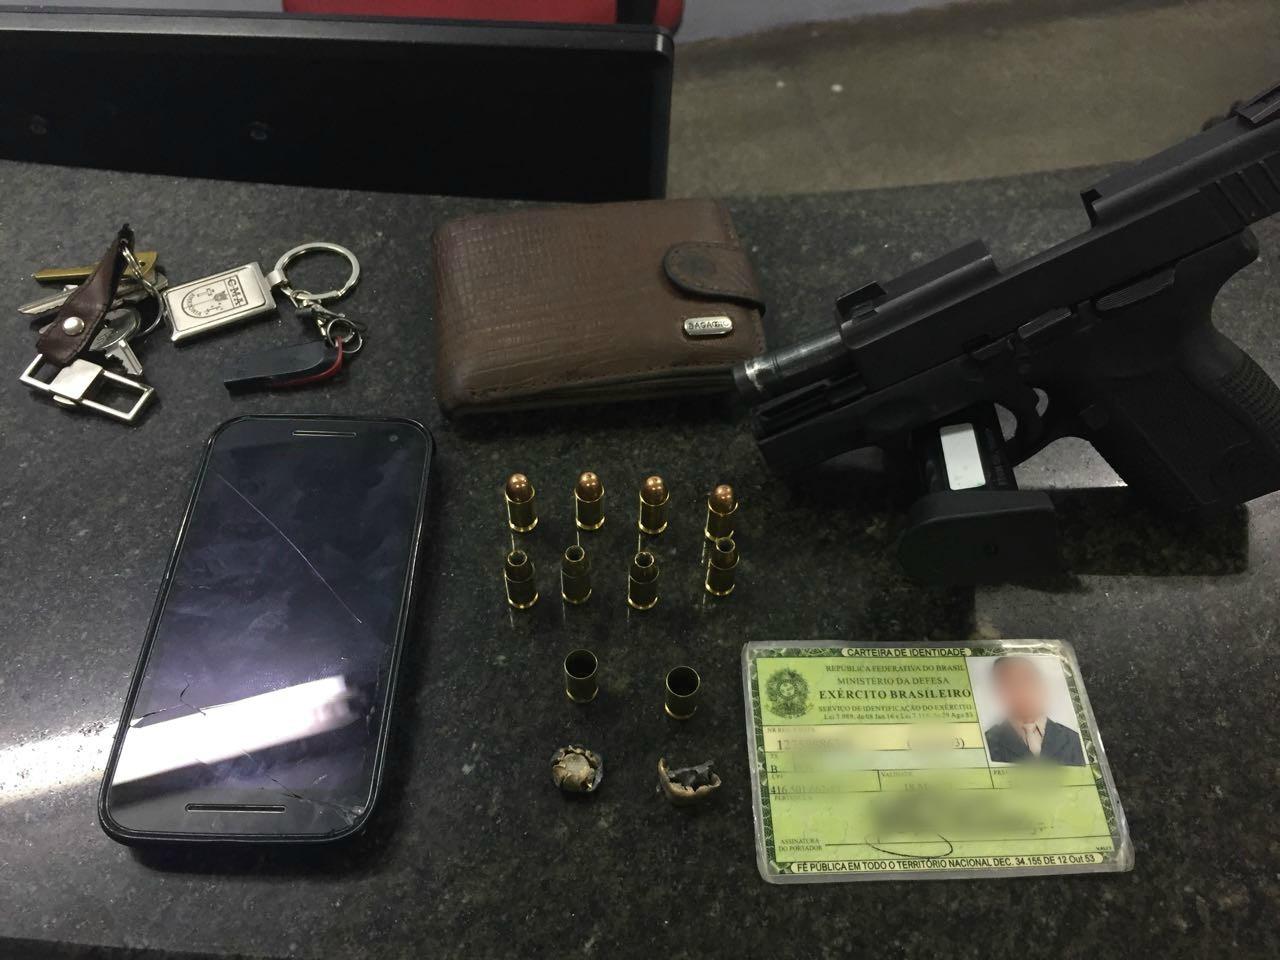 Homem é preso após efetuar disparos de arma de fogo em via pública e ameaçar policiais, em Manaus